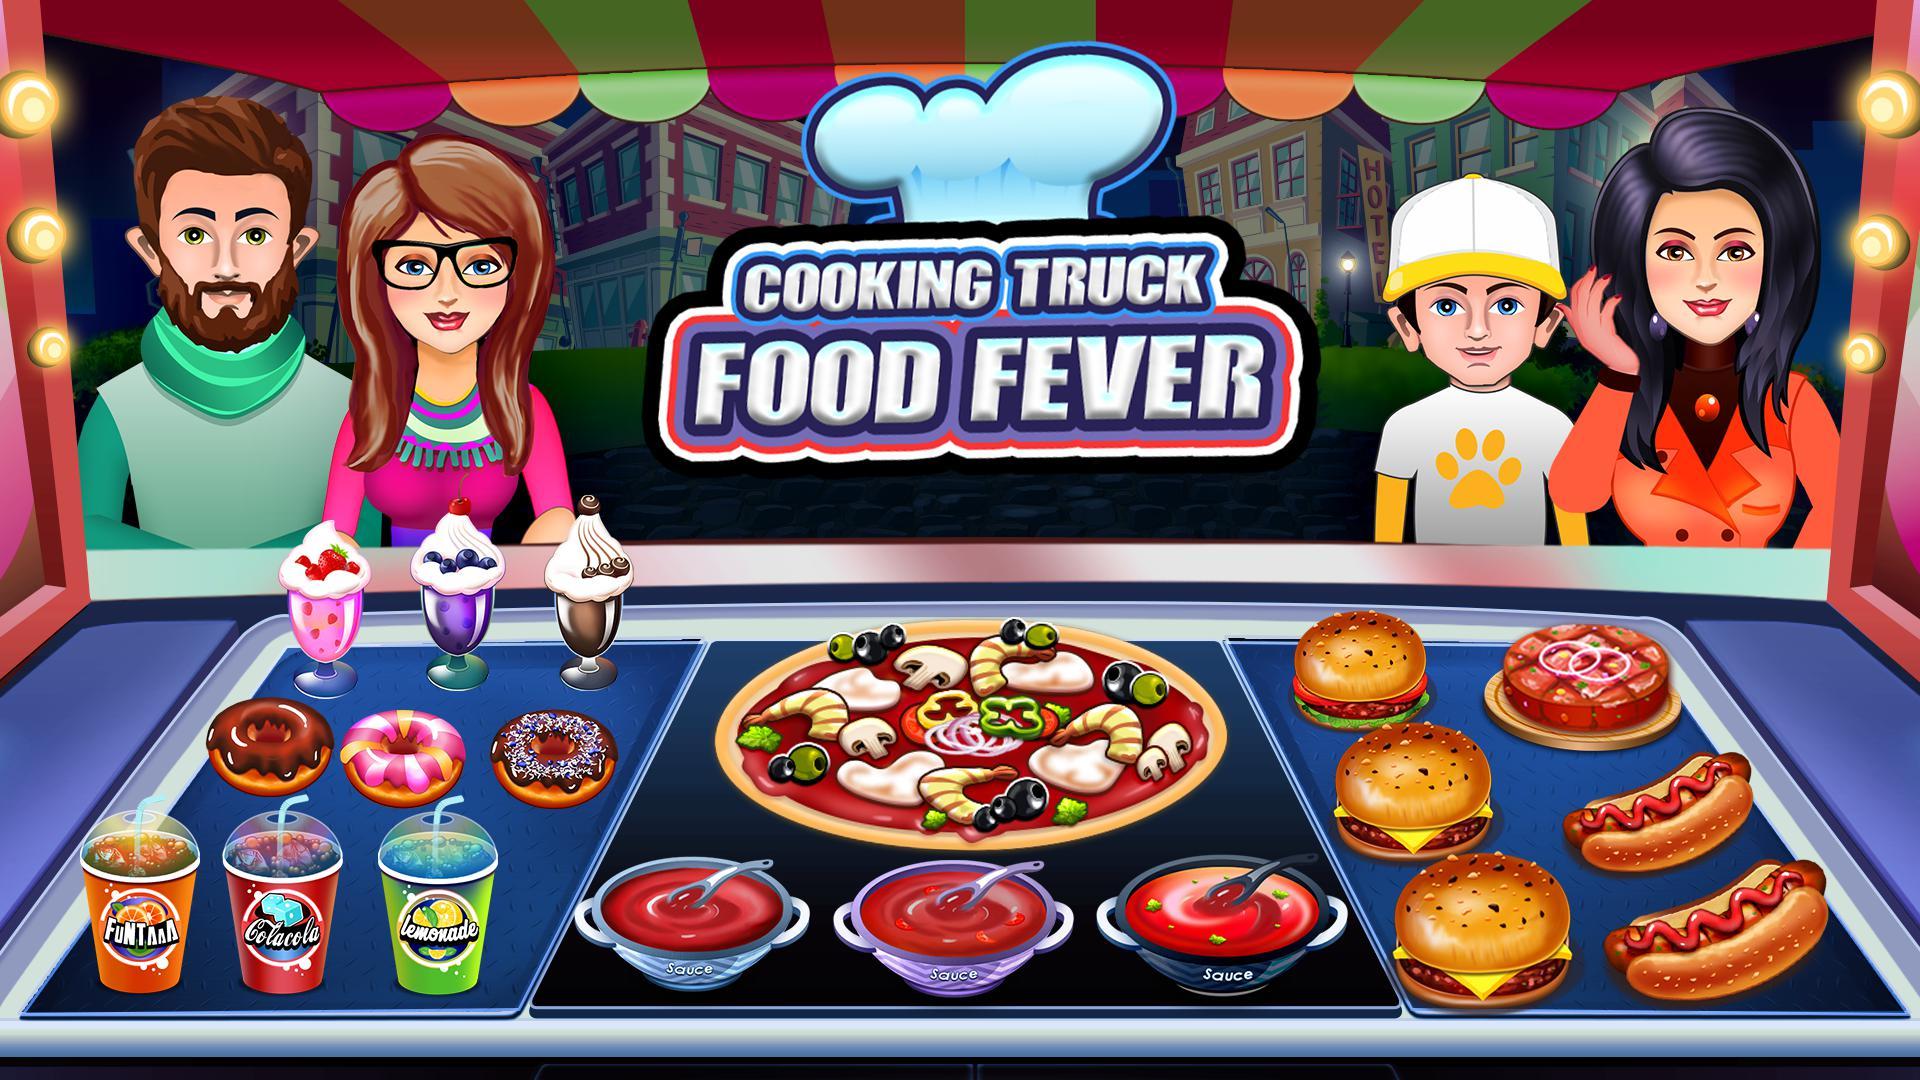 烹饪卡车:食物热狂热 游戏截图1